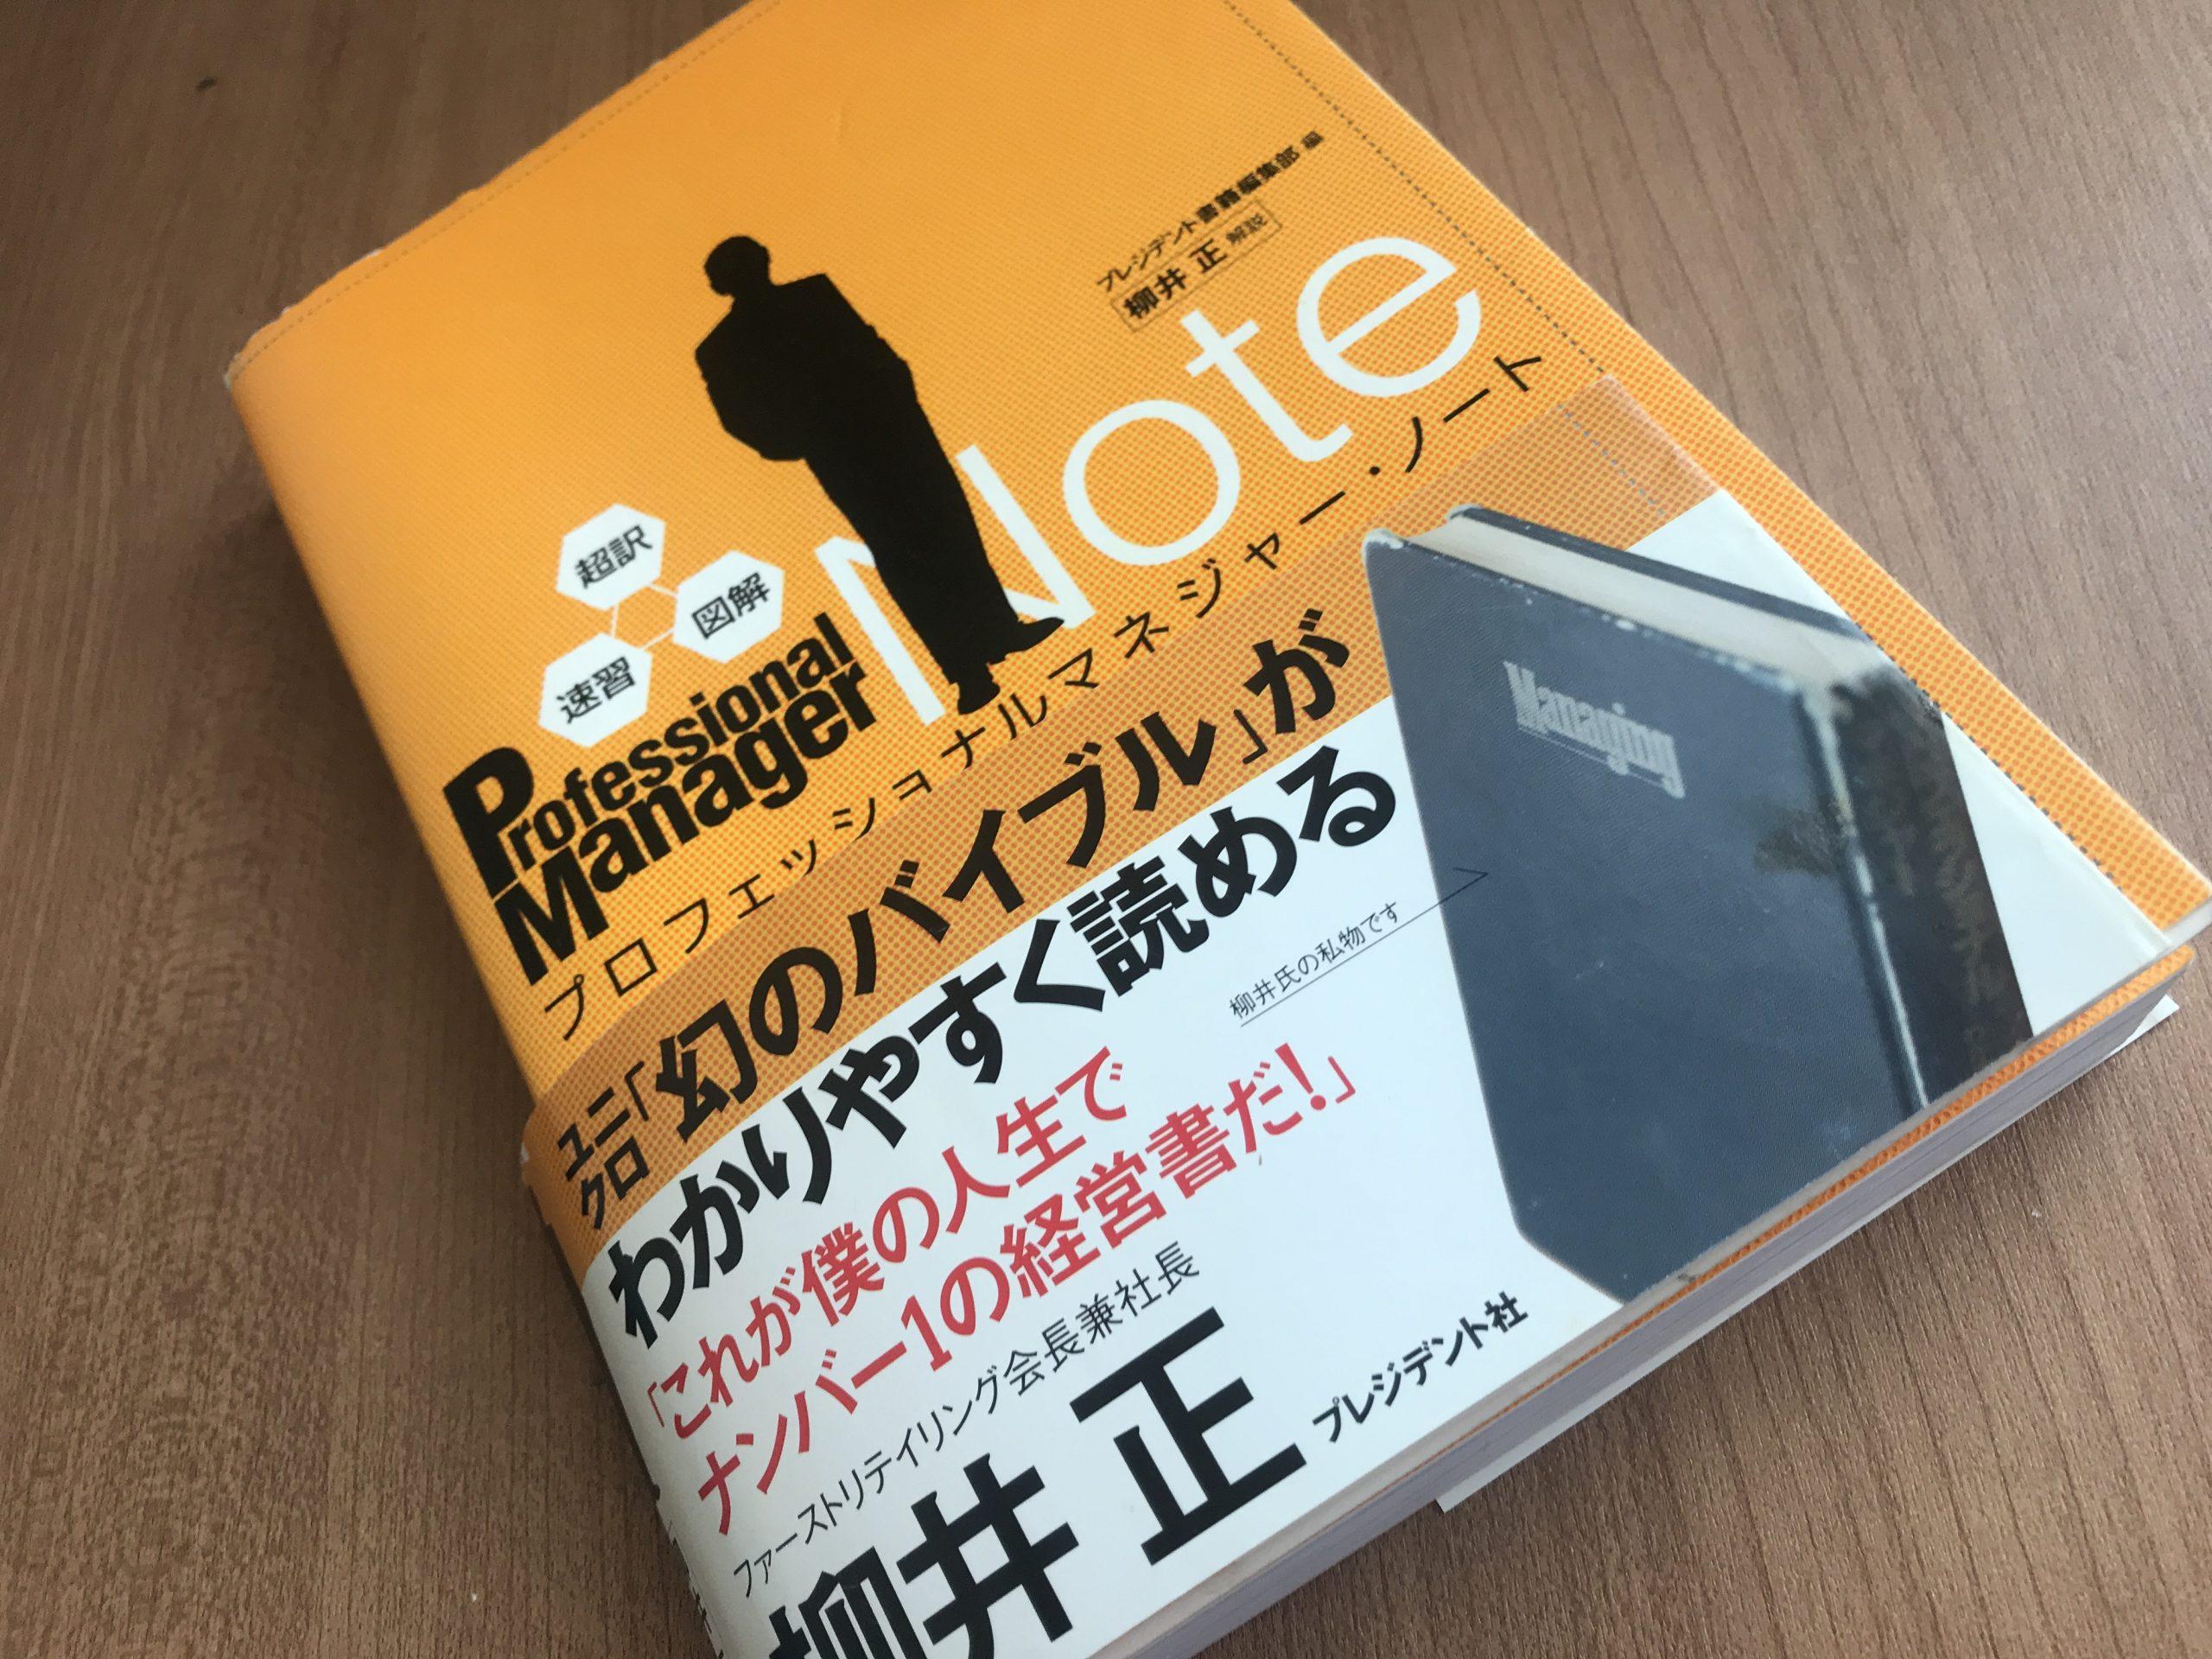 ユニクロの柳井さんが激押ししてた「プロフェッショナルマネージャー・ノート」